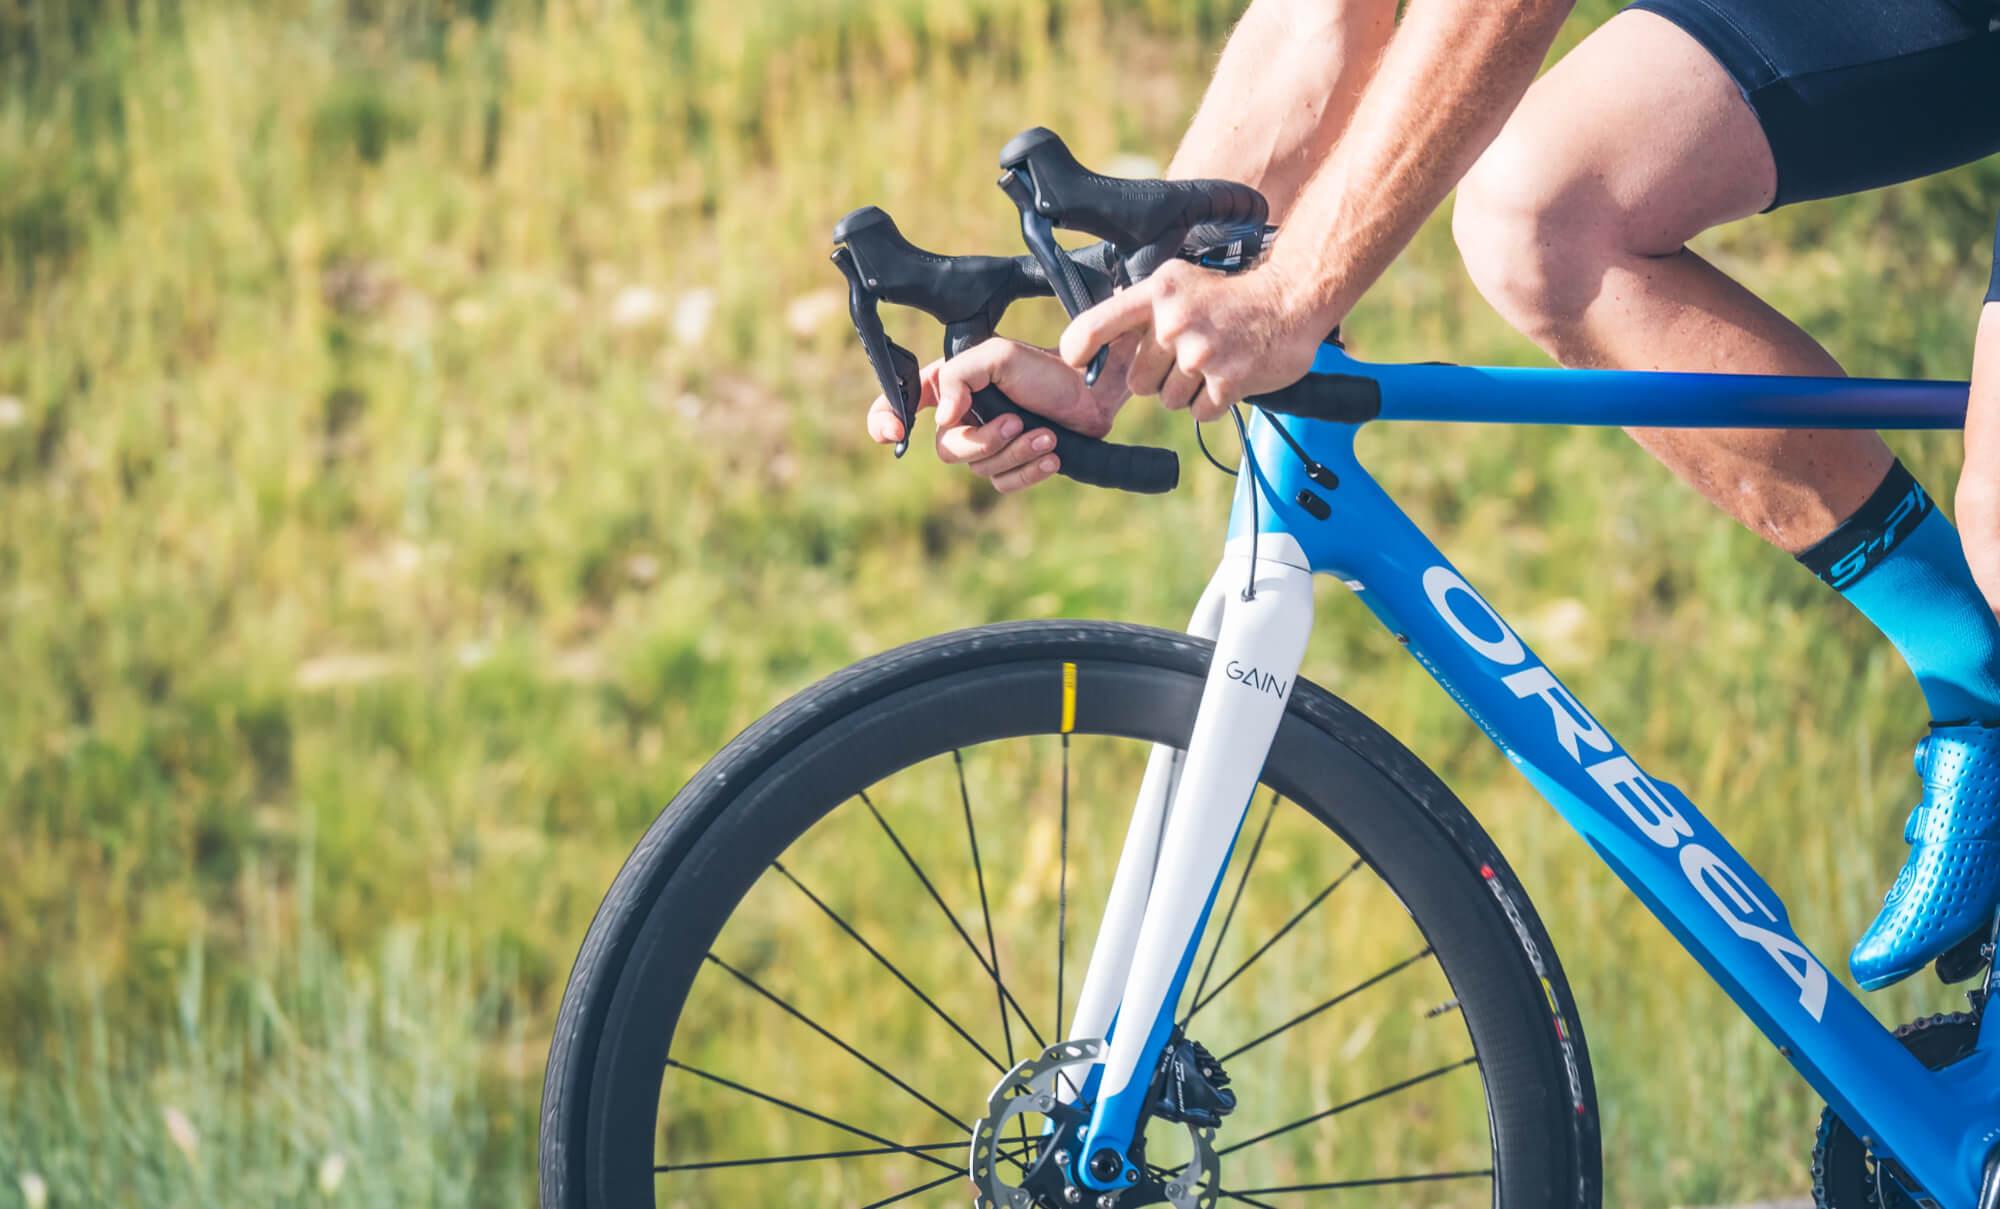 Närbild på cykel i naturen